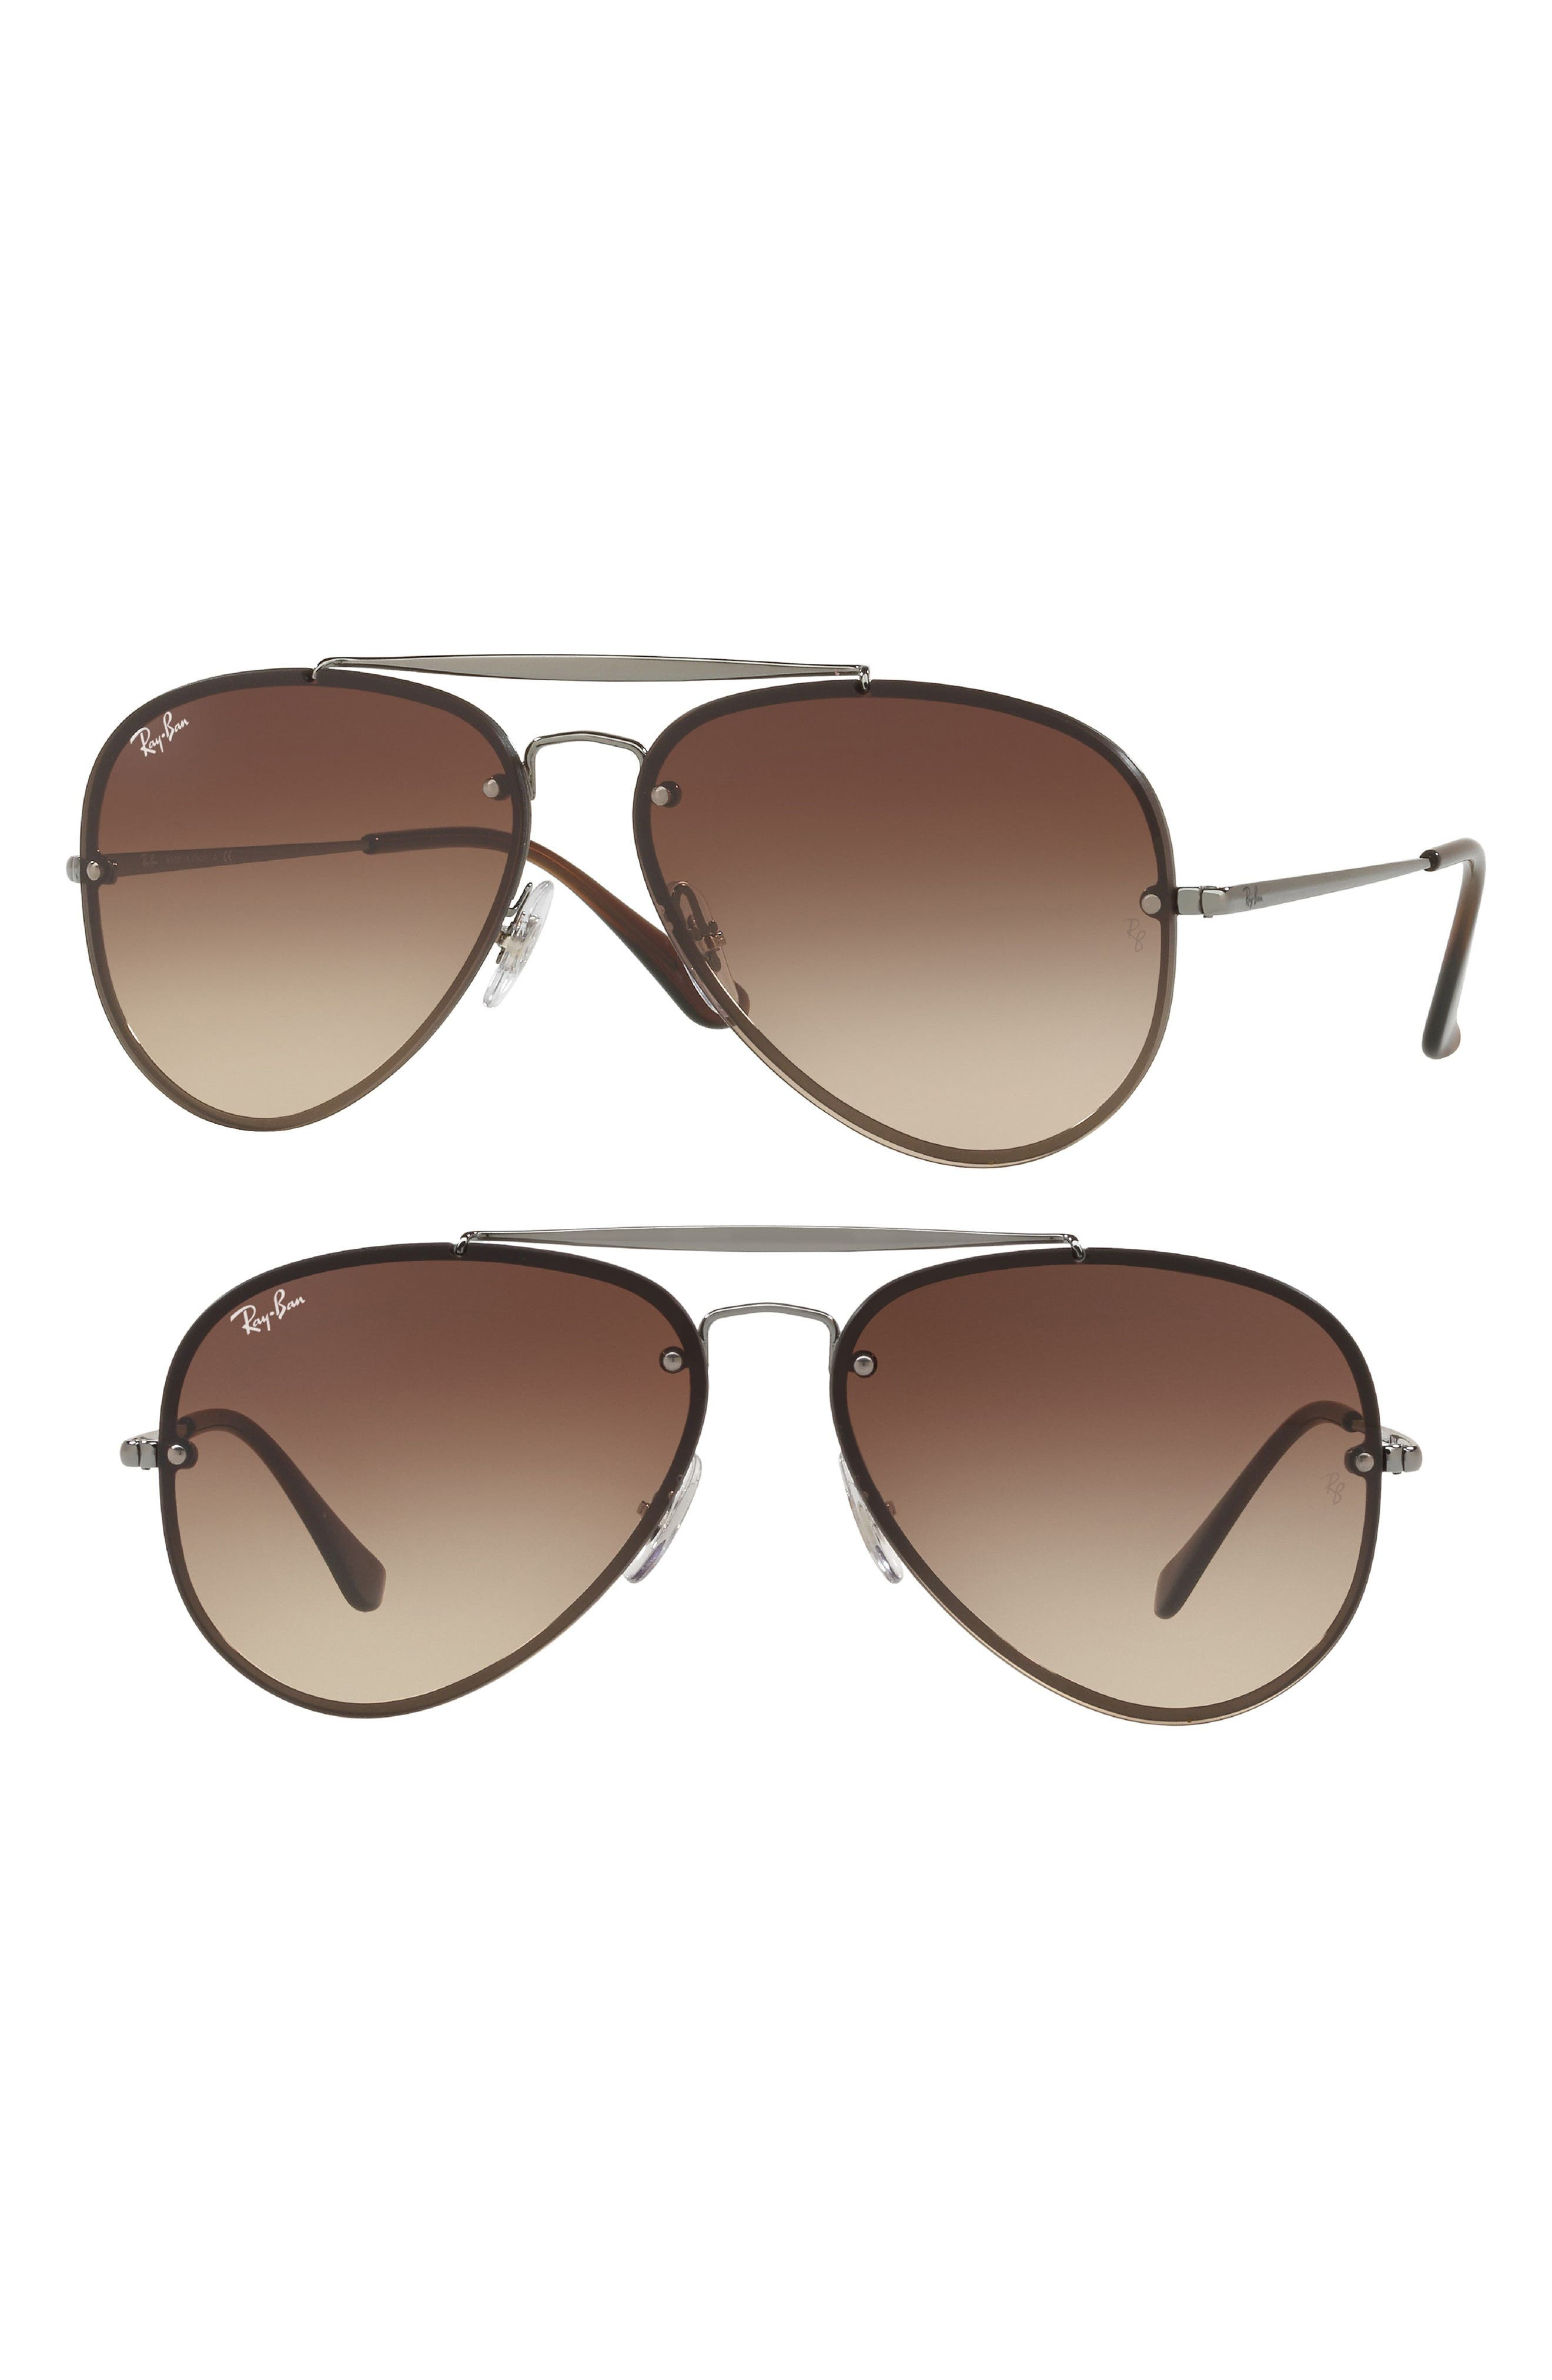 58mm Aviator Sunglasses,                         Main,                         color, Gunmetal/ Brown